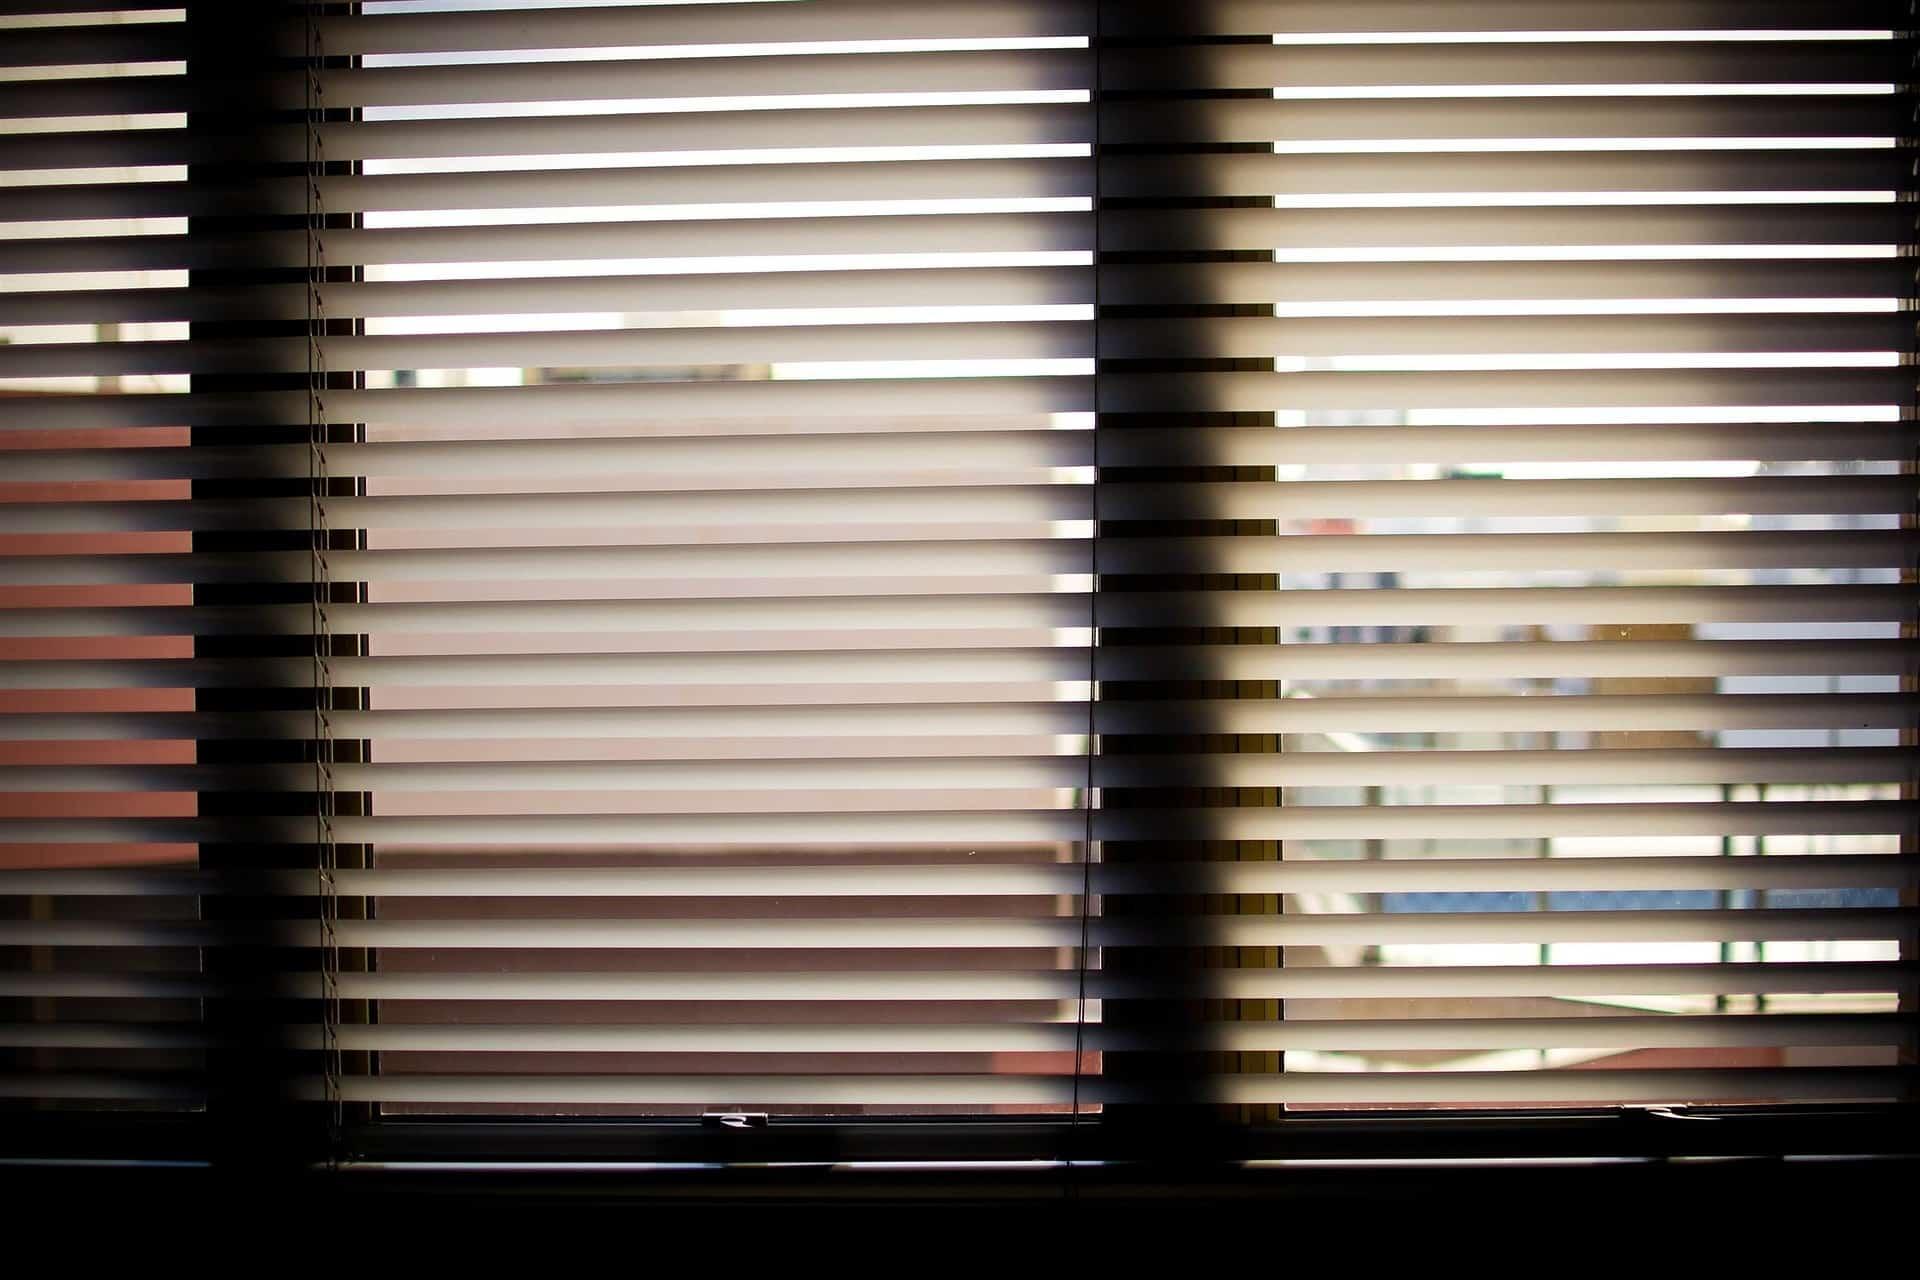 consejos para limpiar las persianas